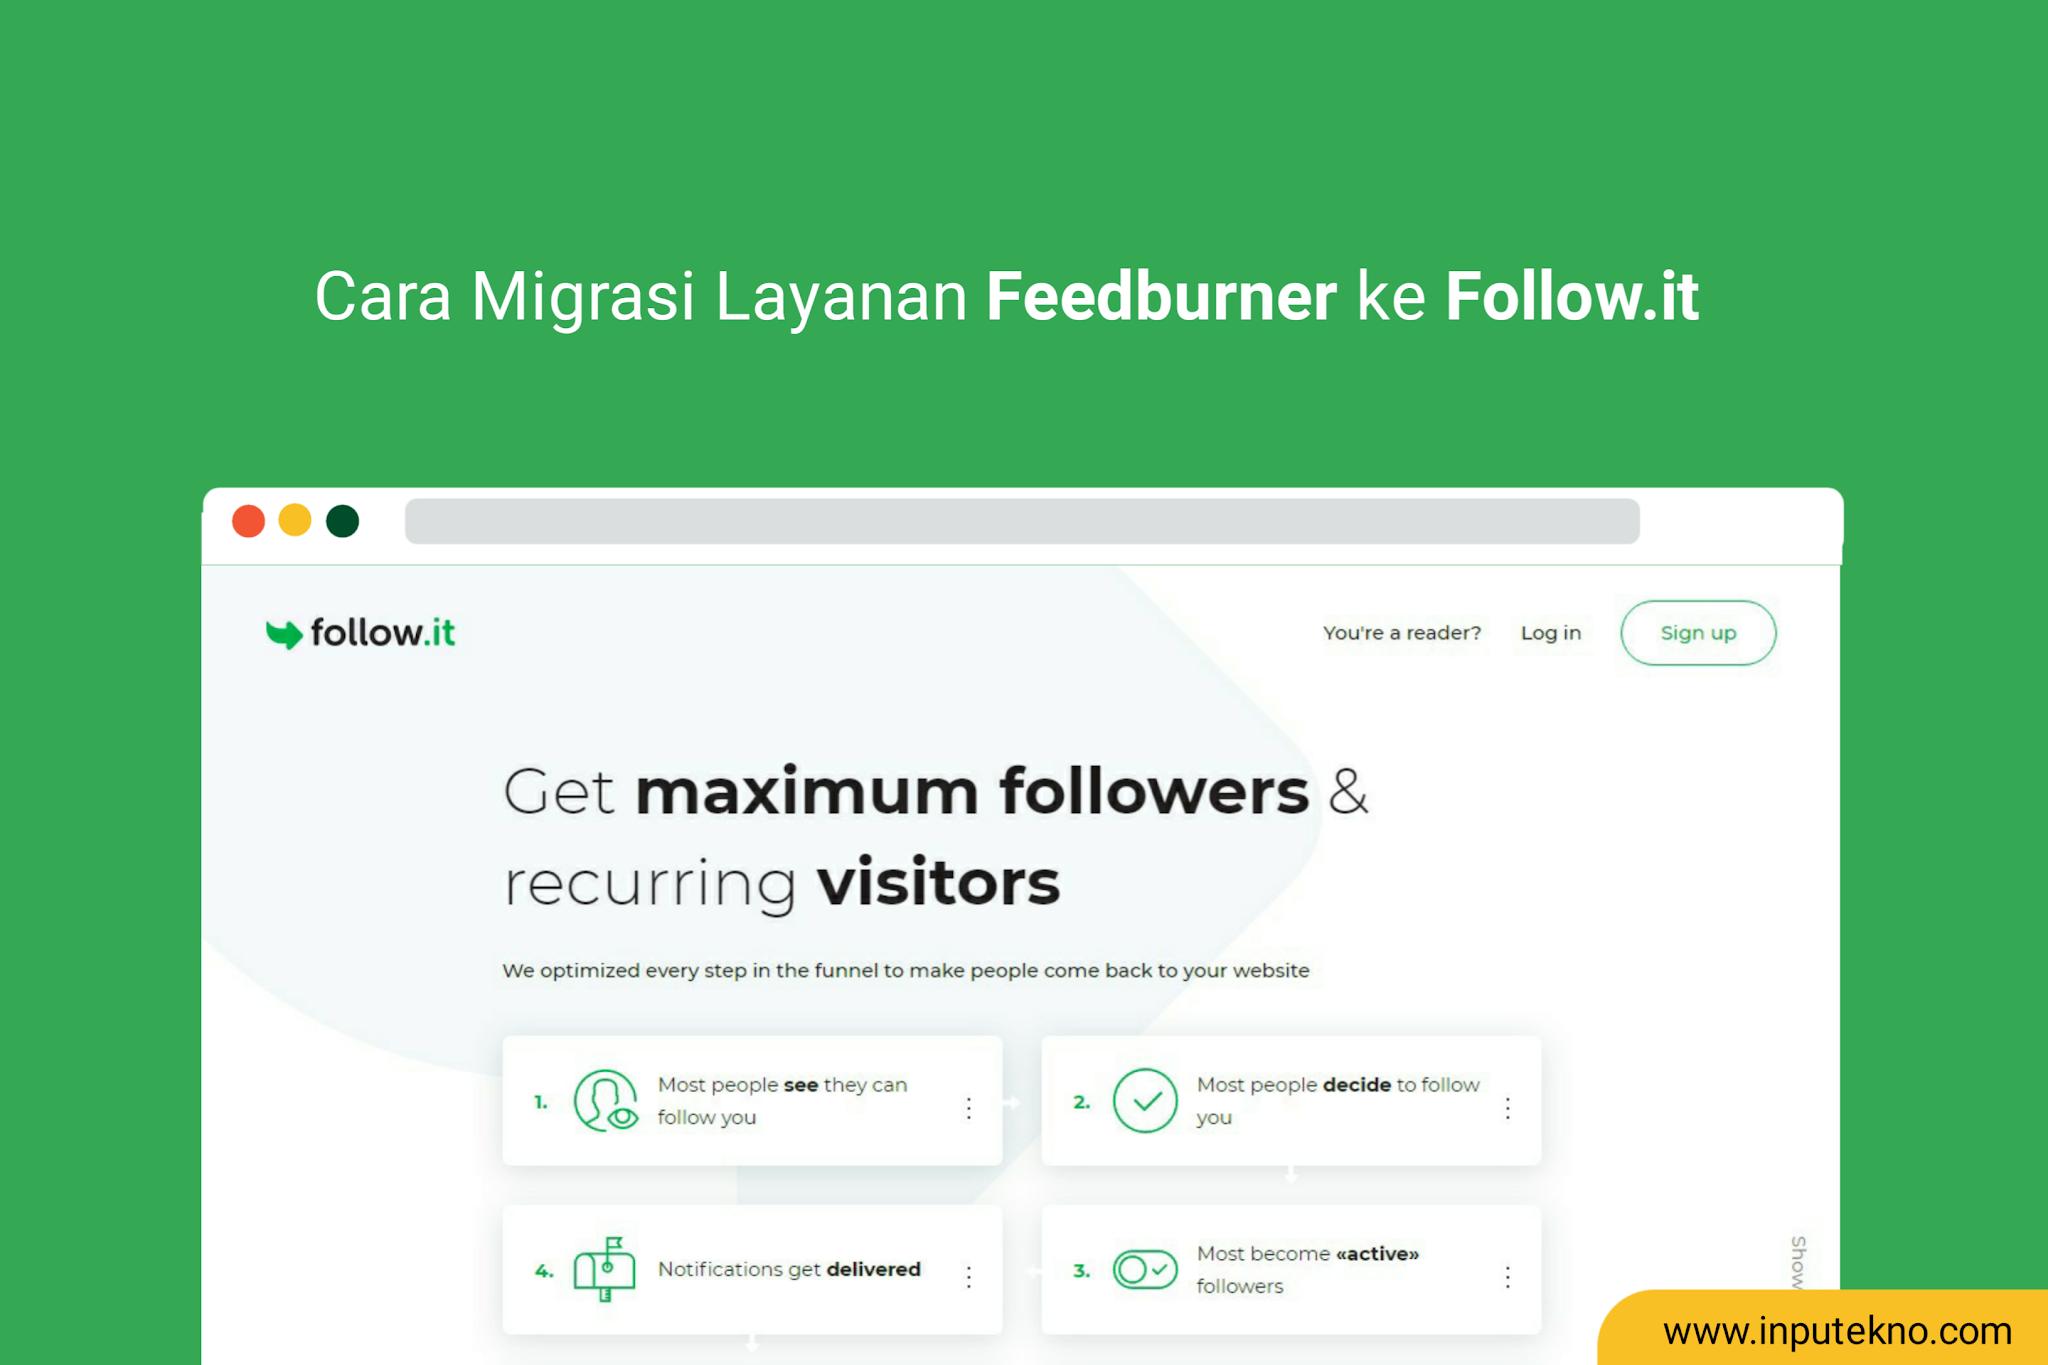 Cara Migrasi Layanan Feedburner ke Follow.it